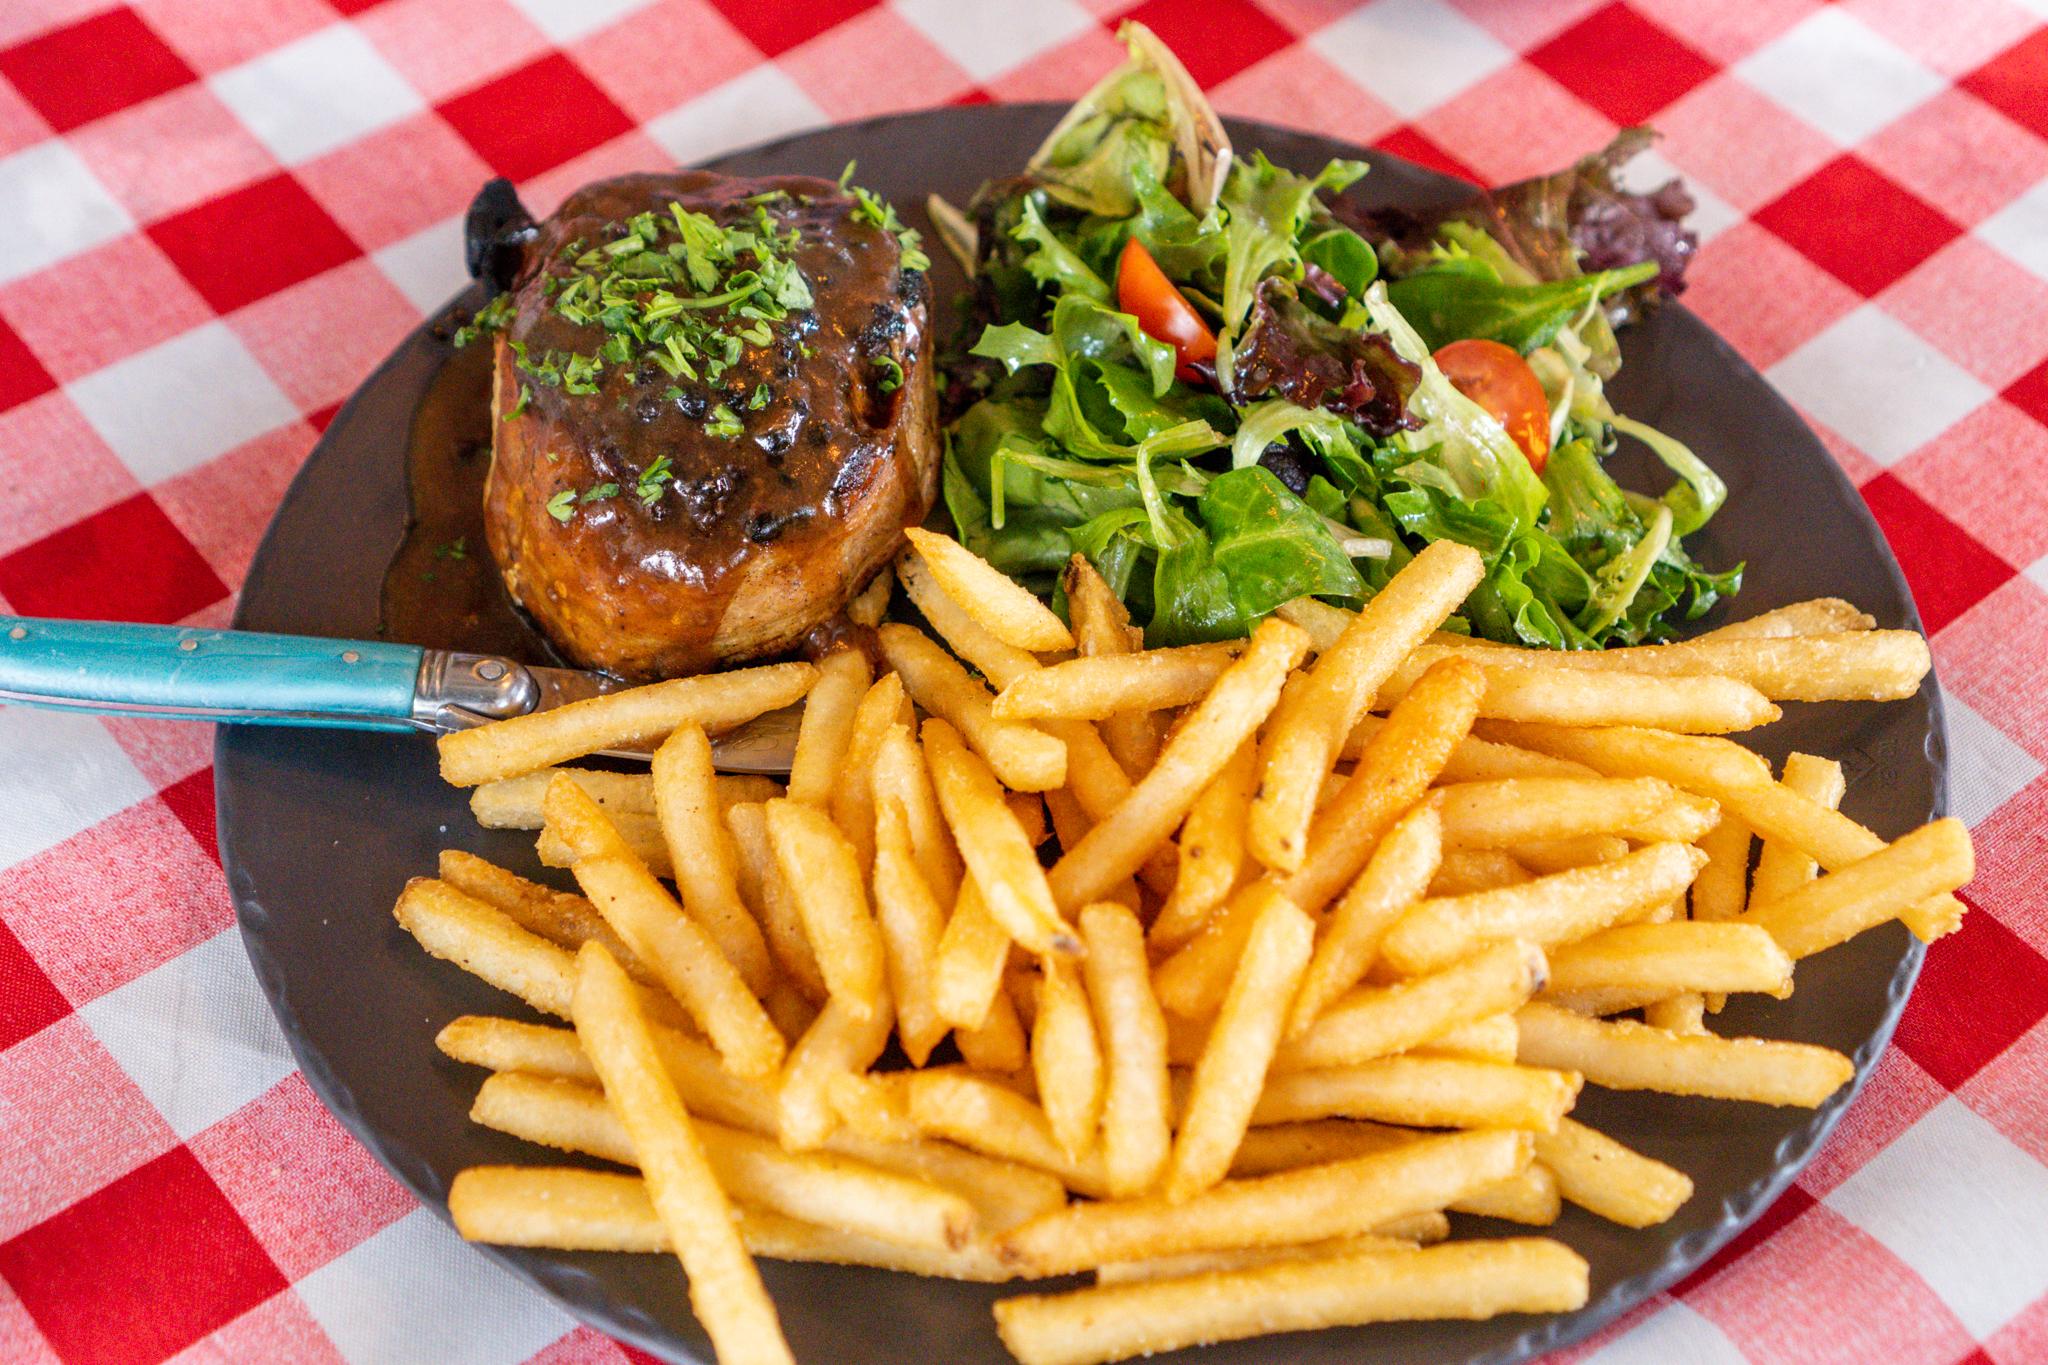 Alsace Steak Au Poivre, French Fries, Salad